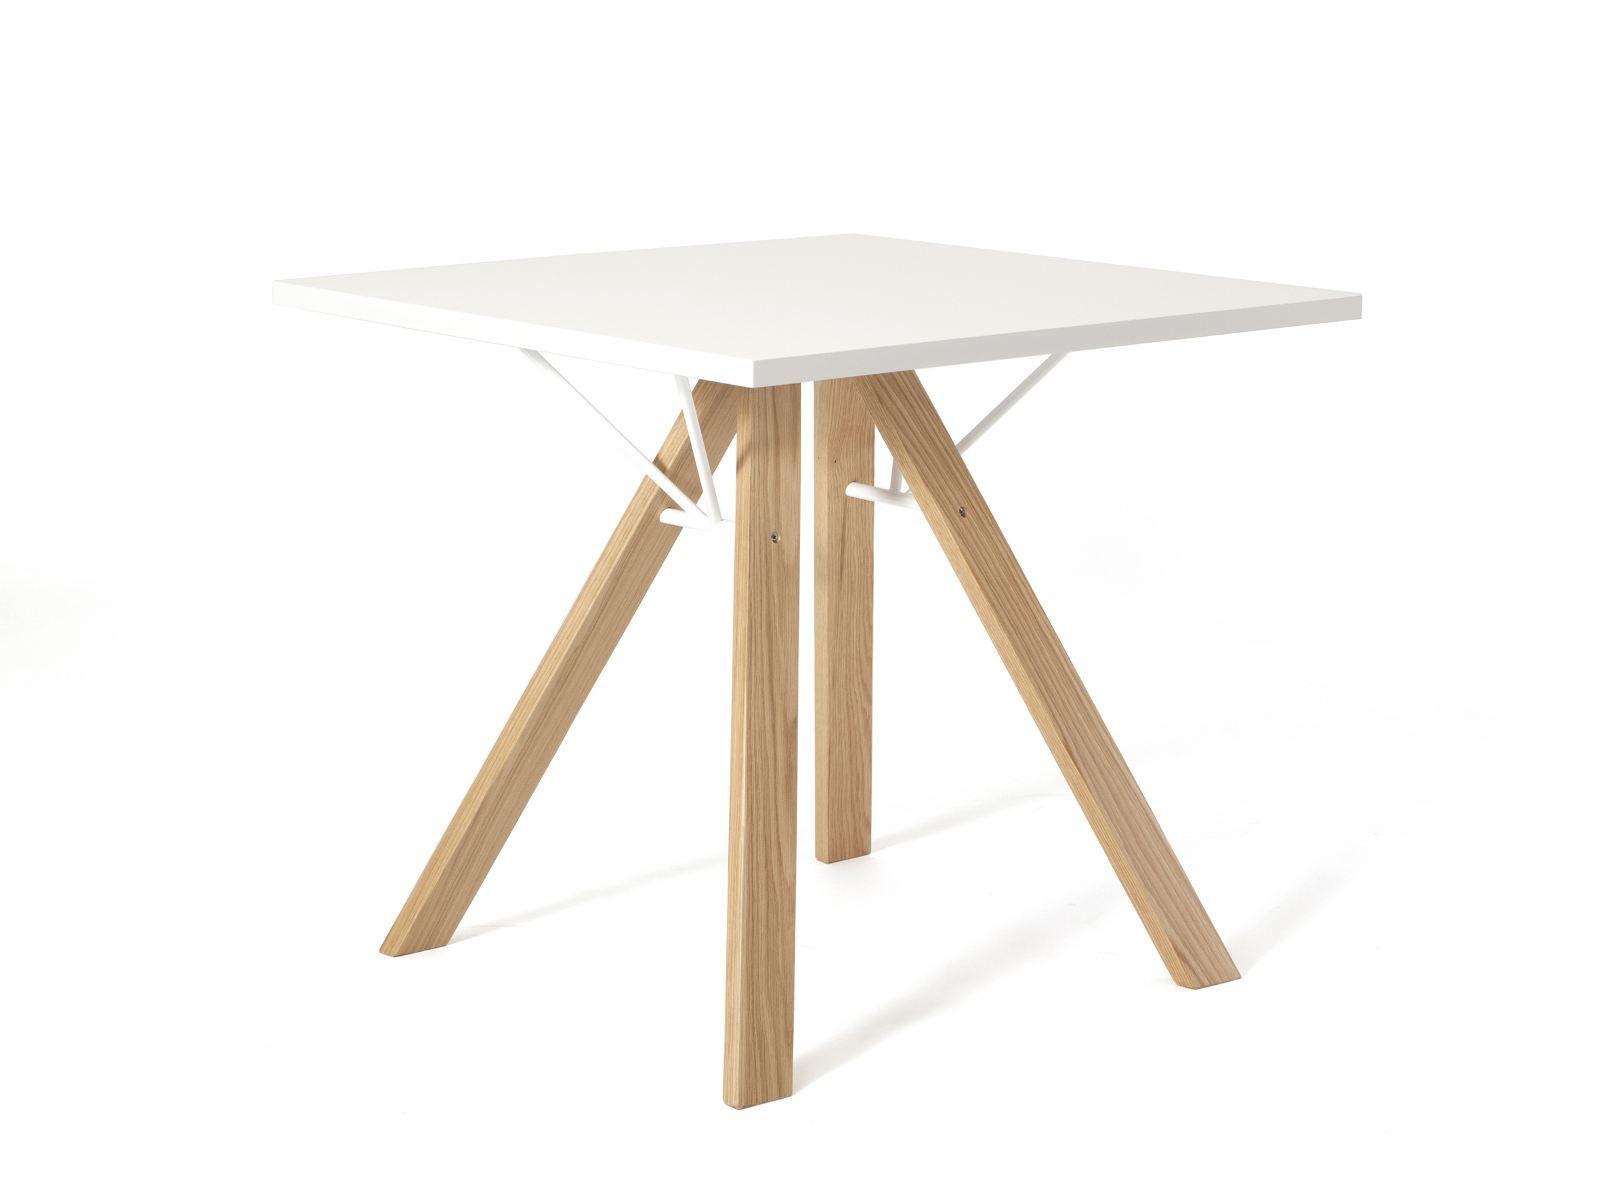 Lab square table by inno interior oy design harri korhonen for Chi square table df 99